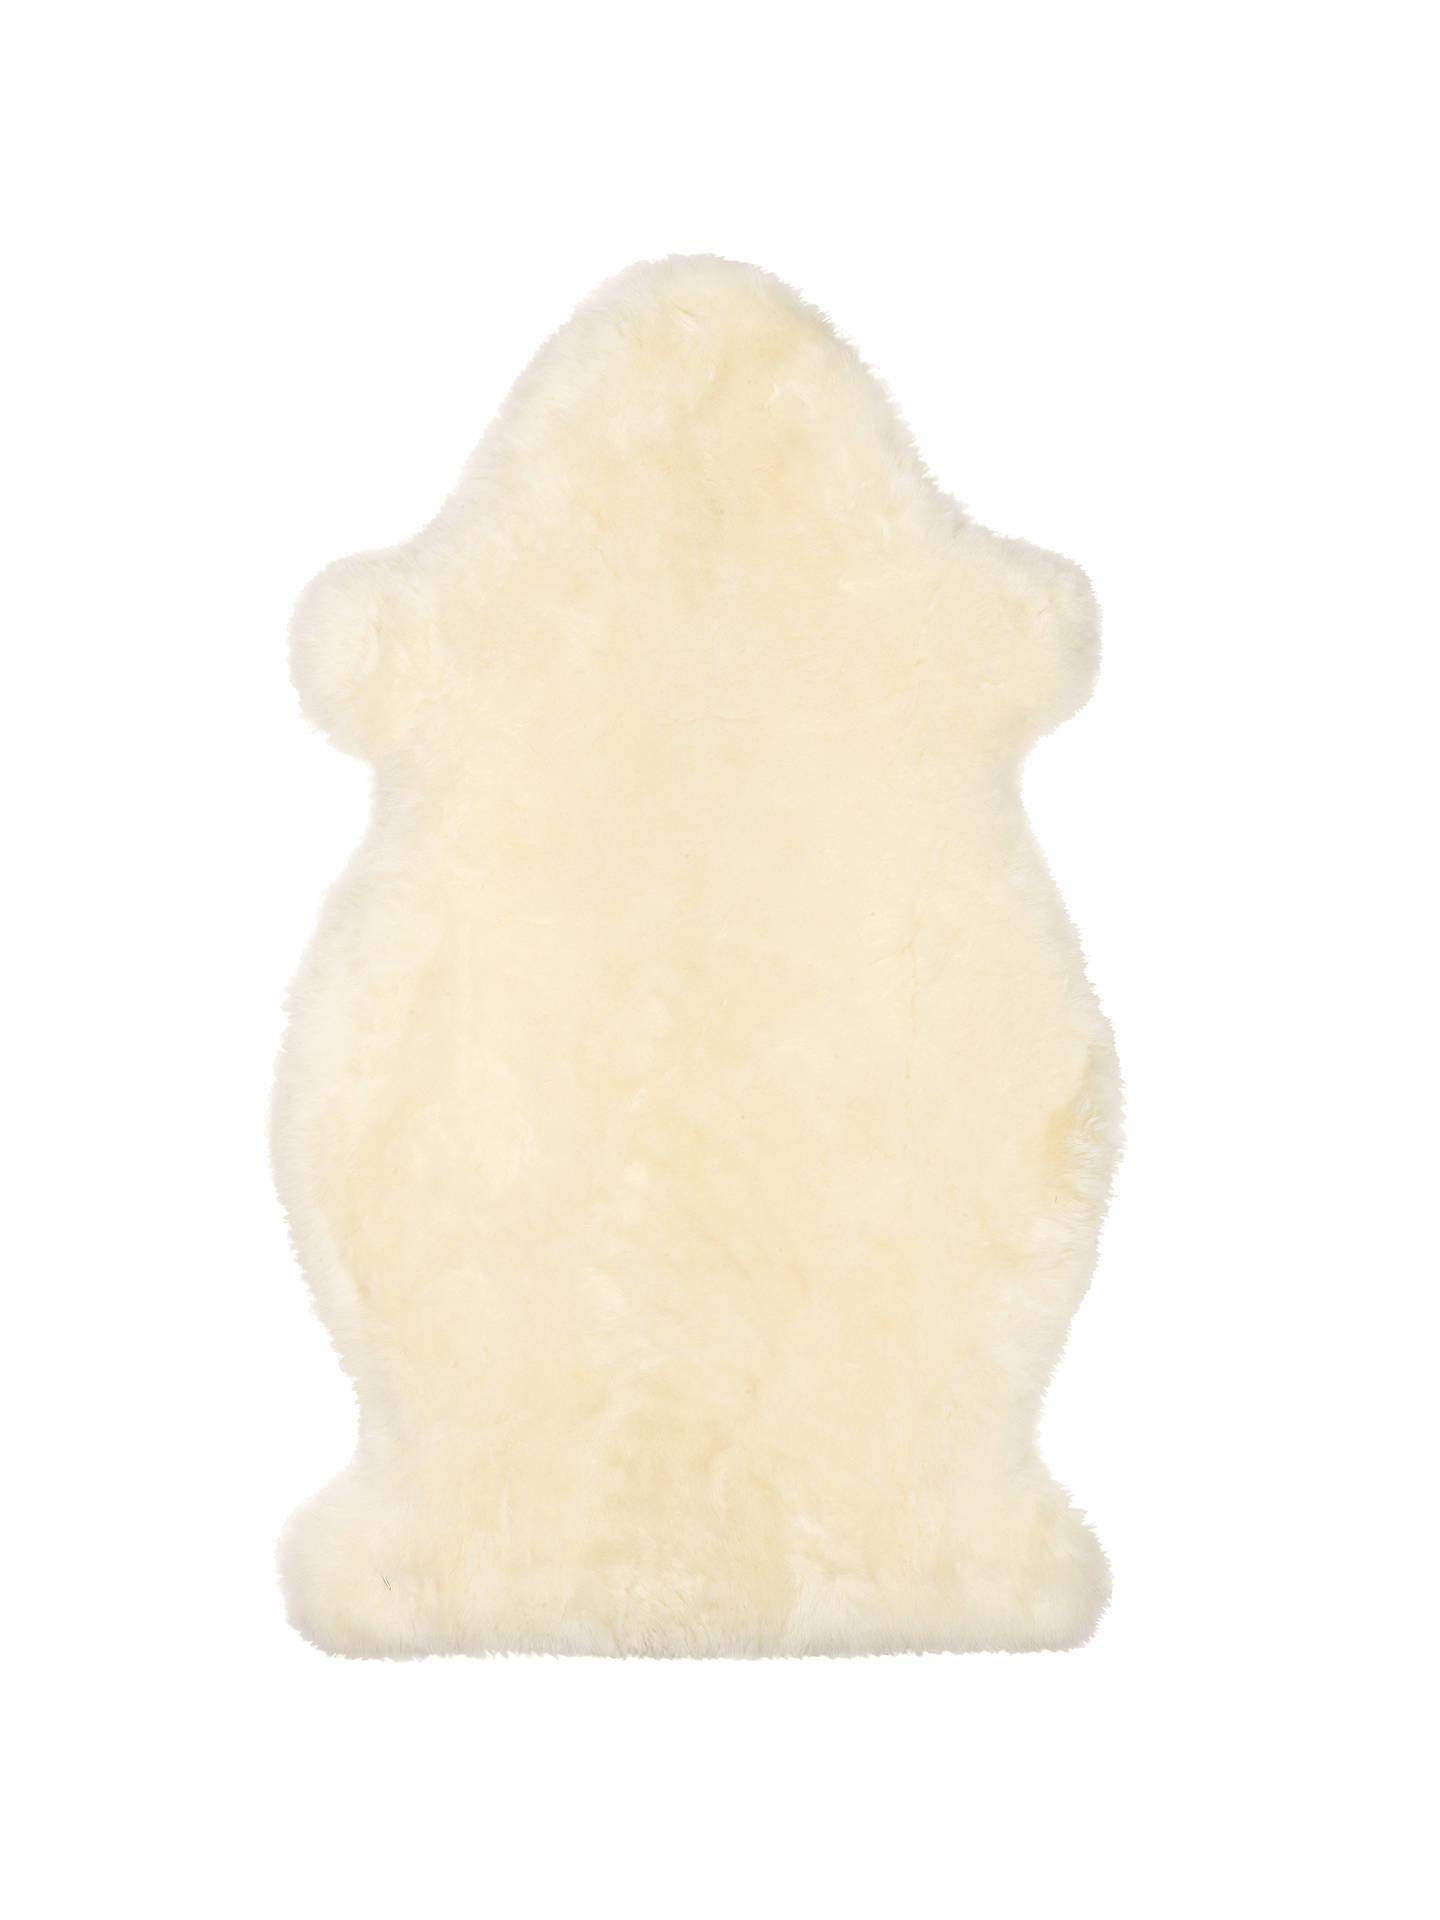 John Lewis Partners Sheepskin Baby Comforter Ivory At John Lewis